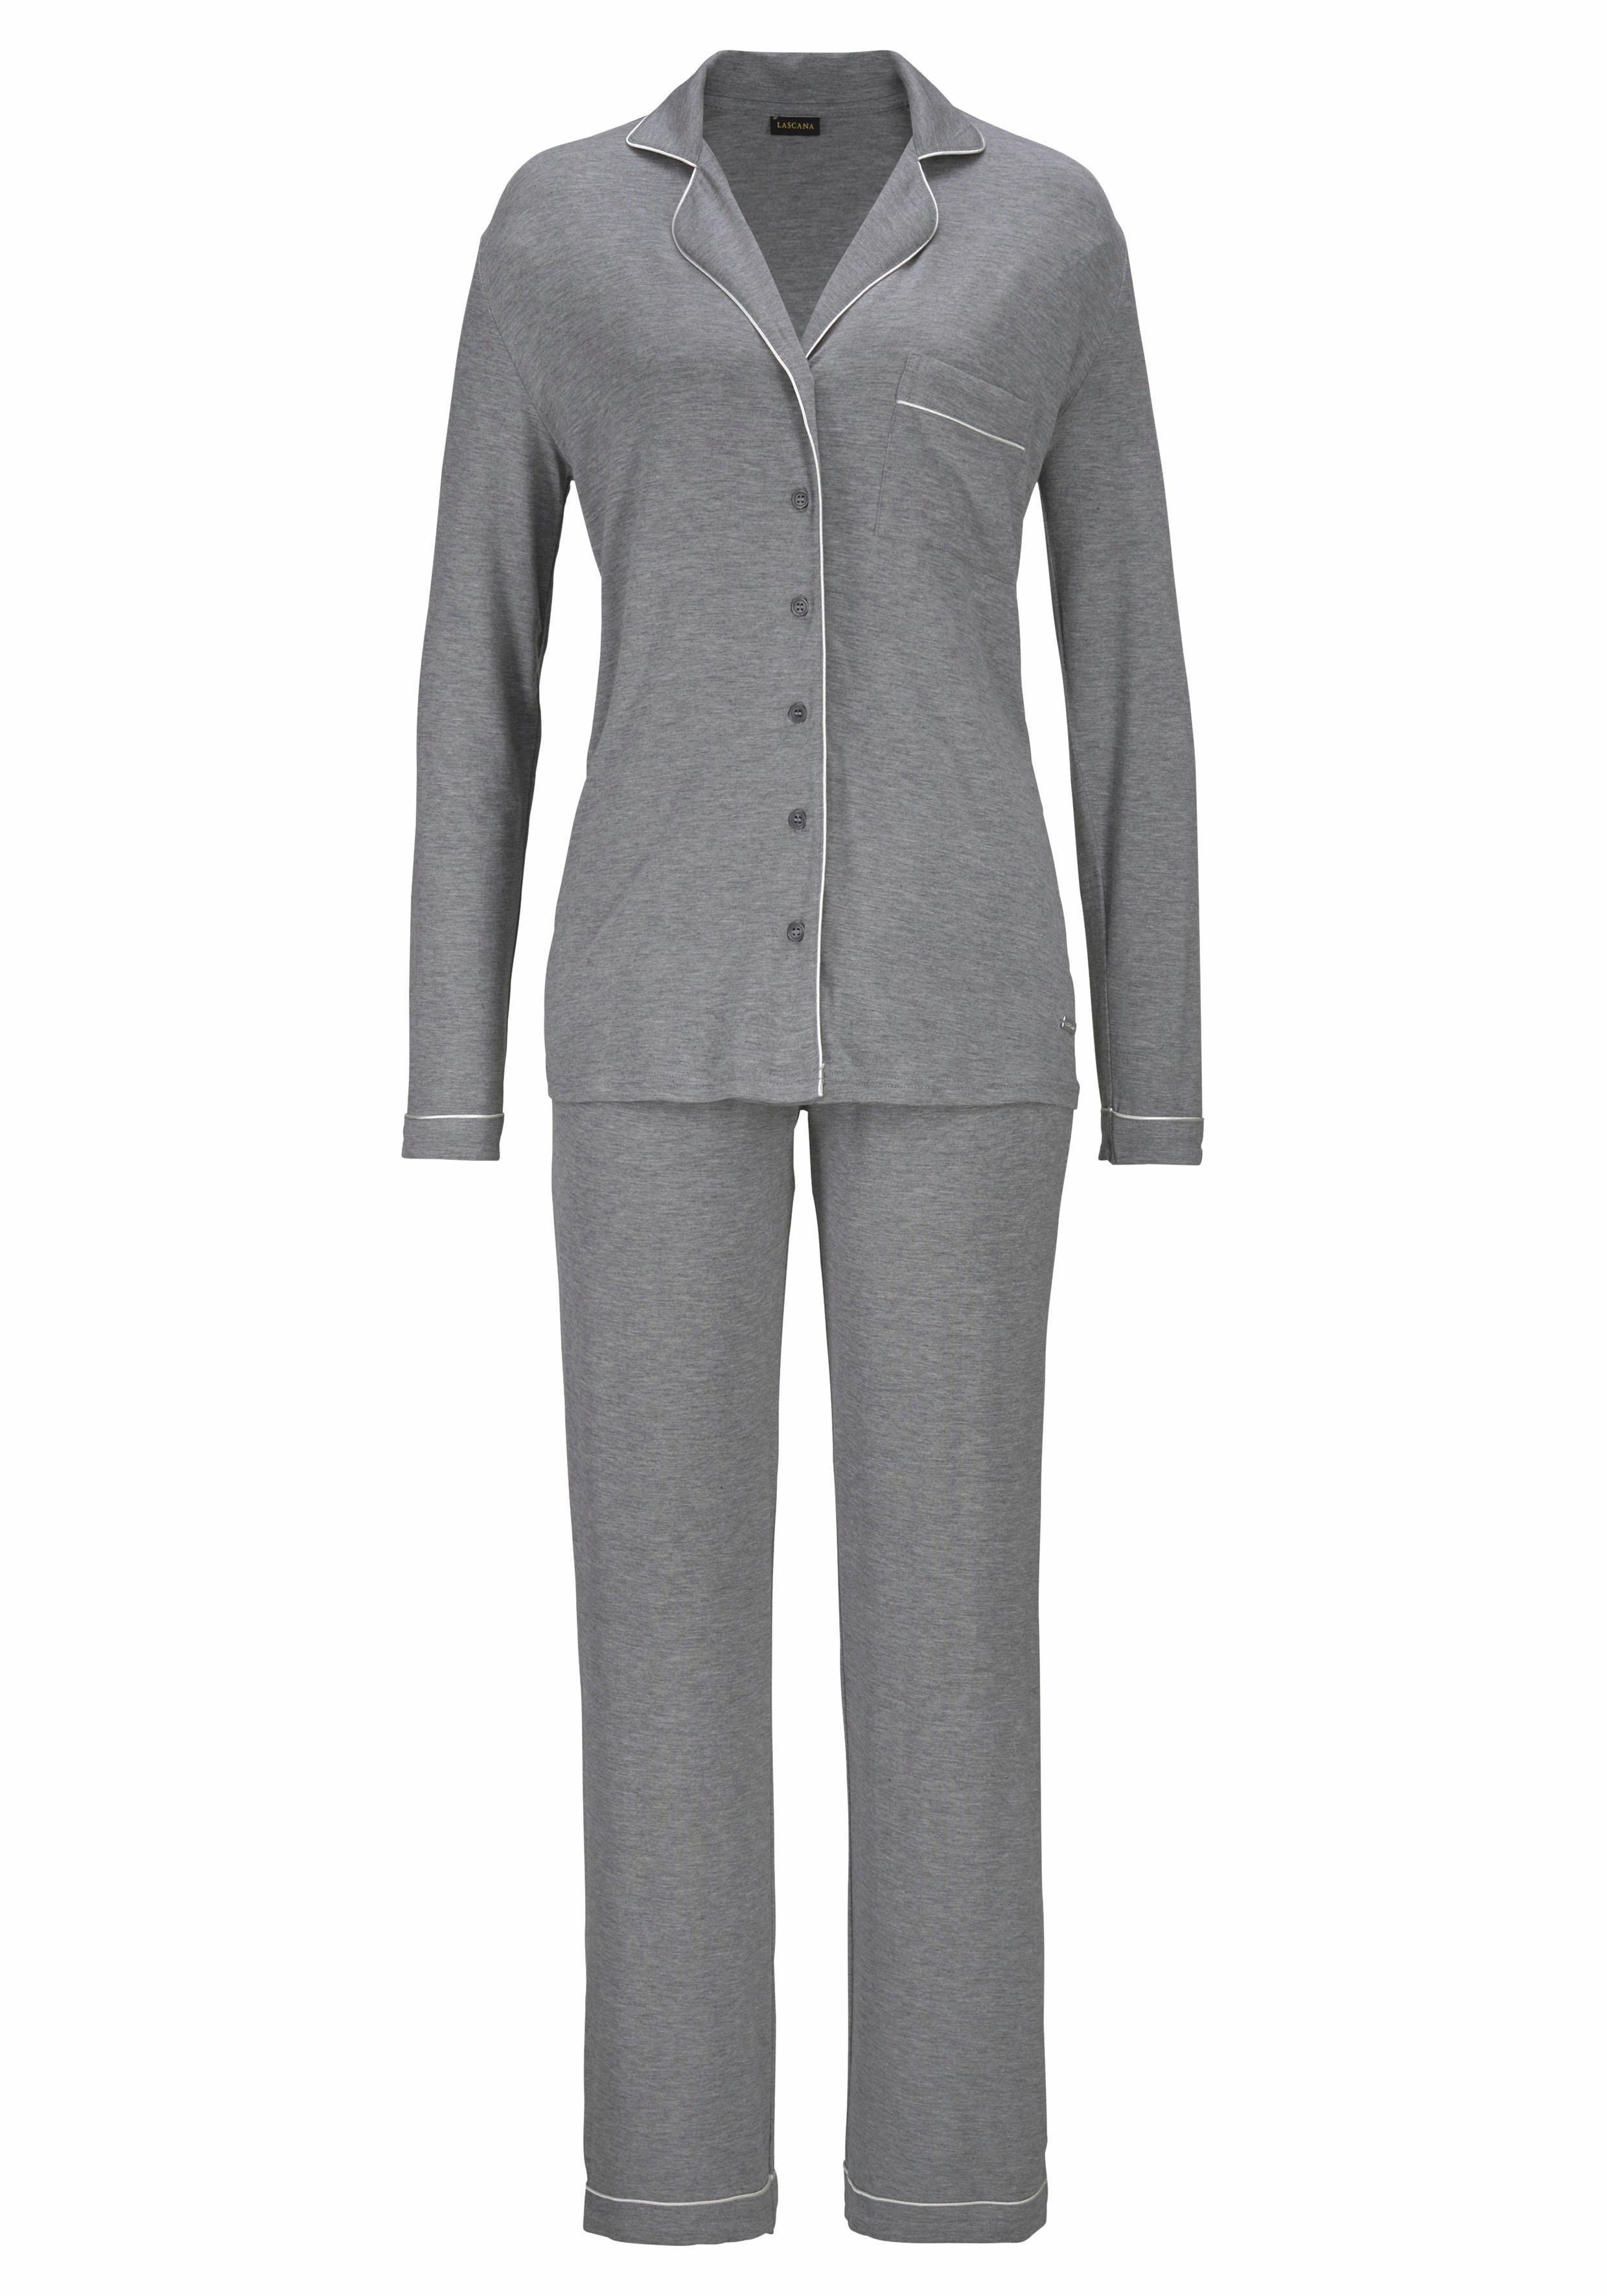 LASCANA pyjama in klassiek design met overhemdkraag en knoopsluiting bij Lascana online kopen